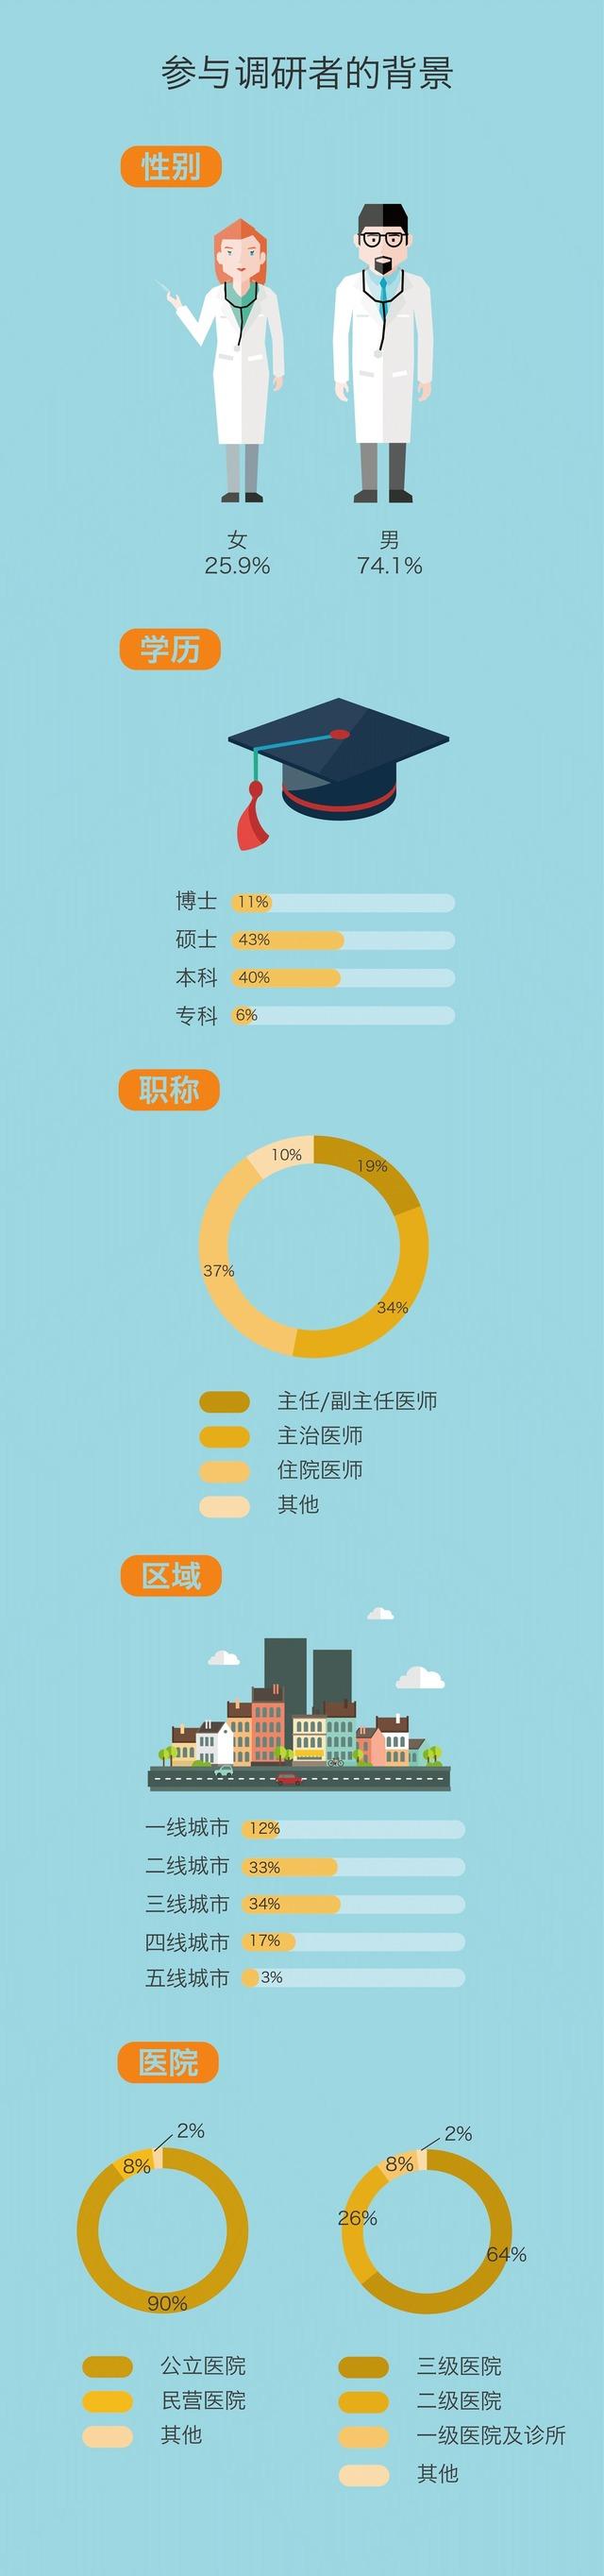 8431 名医生中 95% 的人渴望拥有自己的品牌